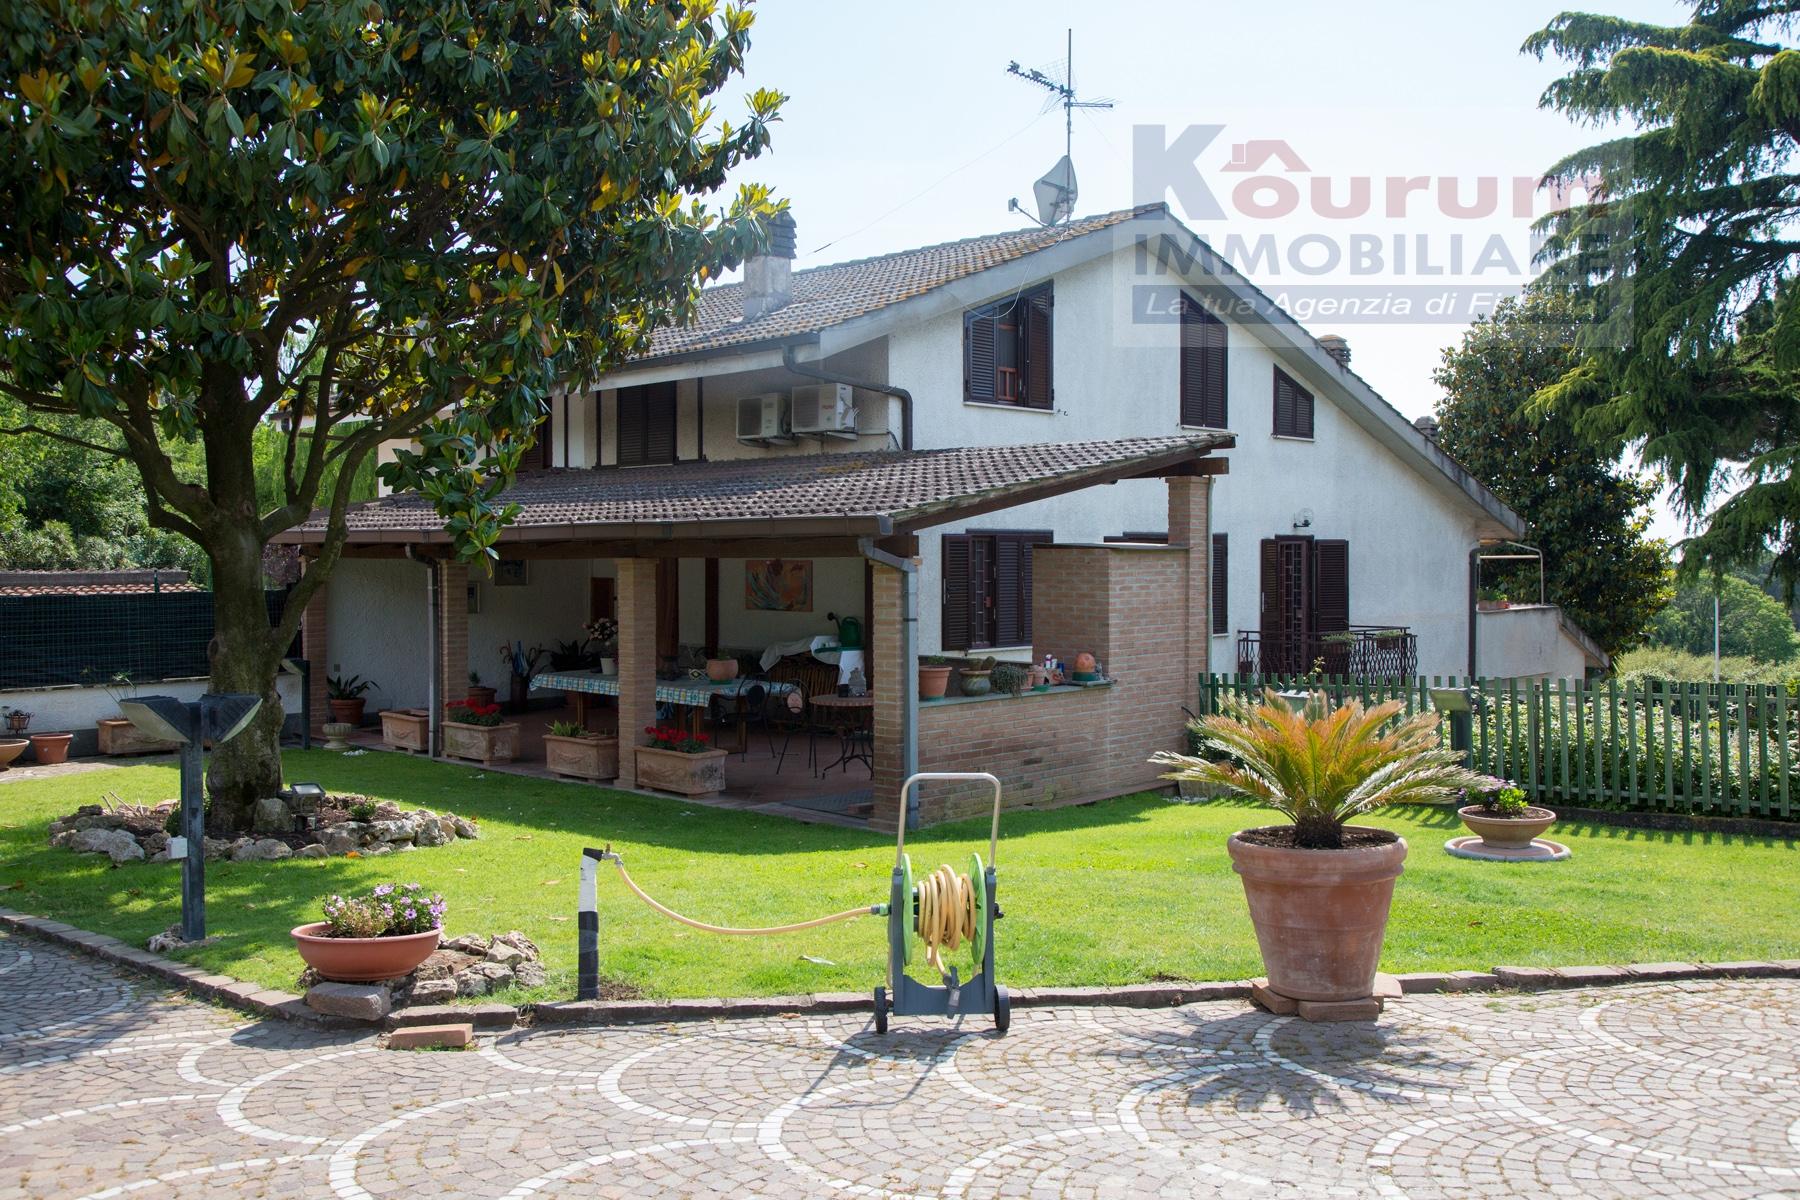 Villa in vendita a Marino, 5 locali, prezzo € 389.000 | Cambio Casa.it